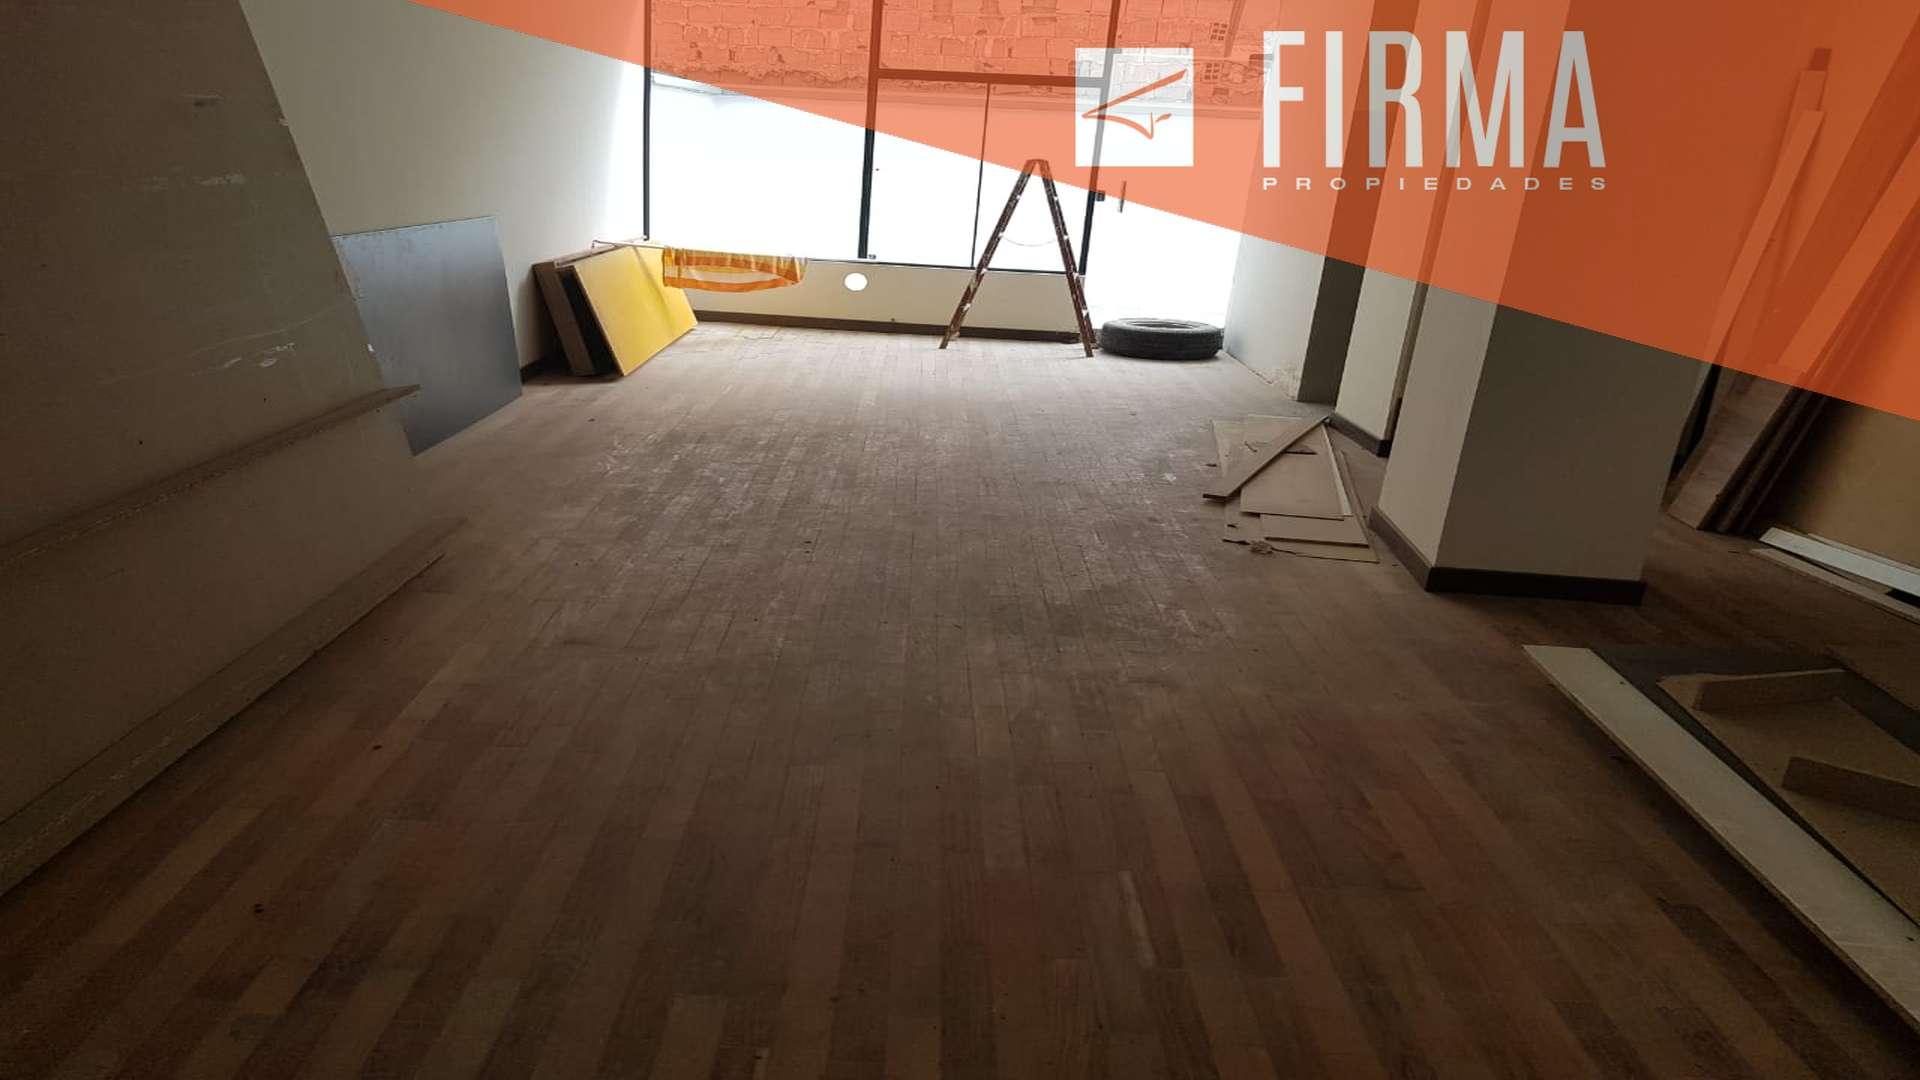 Oficina en Venta FOV31125 – COMPRA TU OFICINA EN MIRAFLORES Foto 12